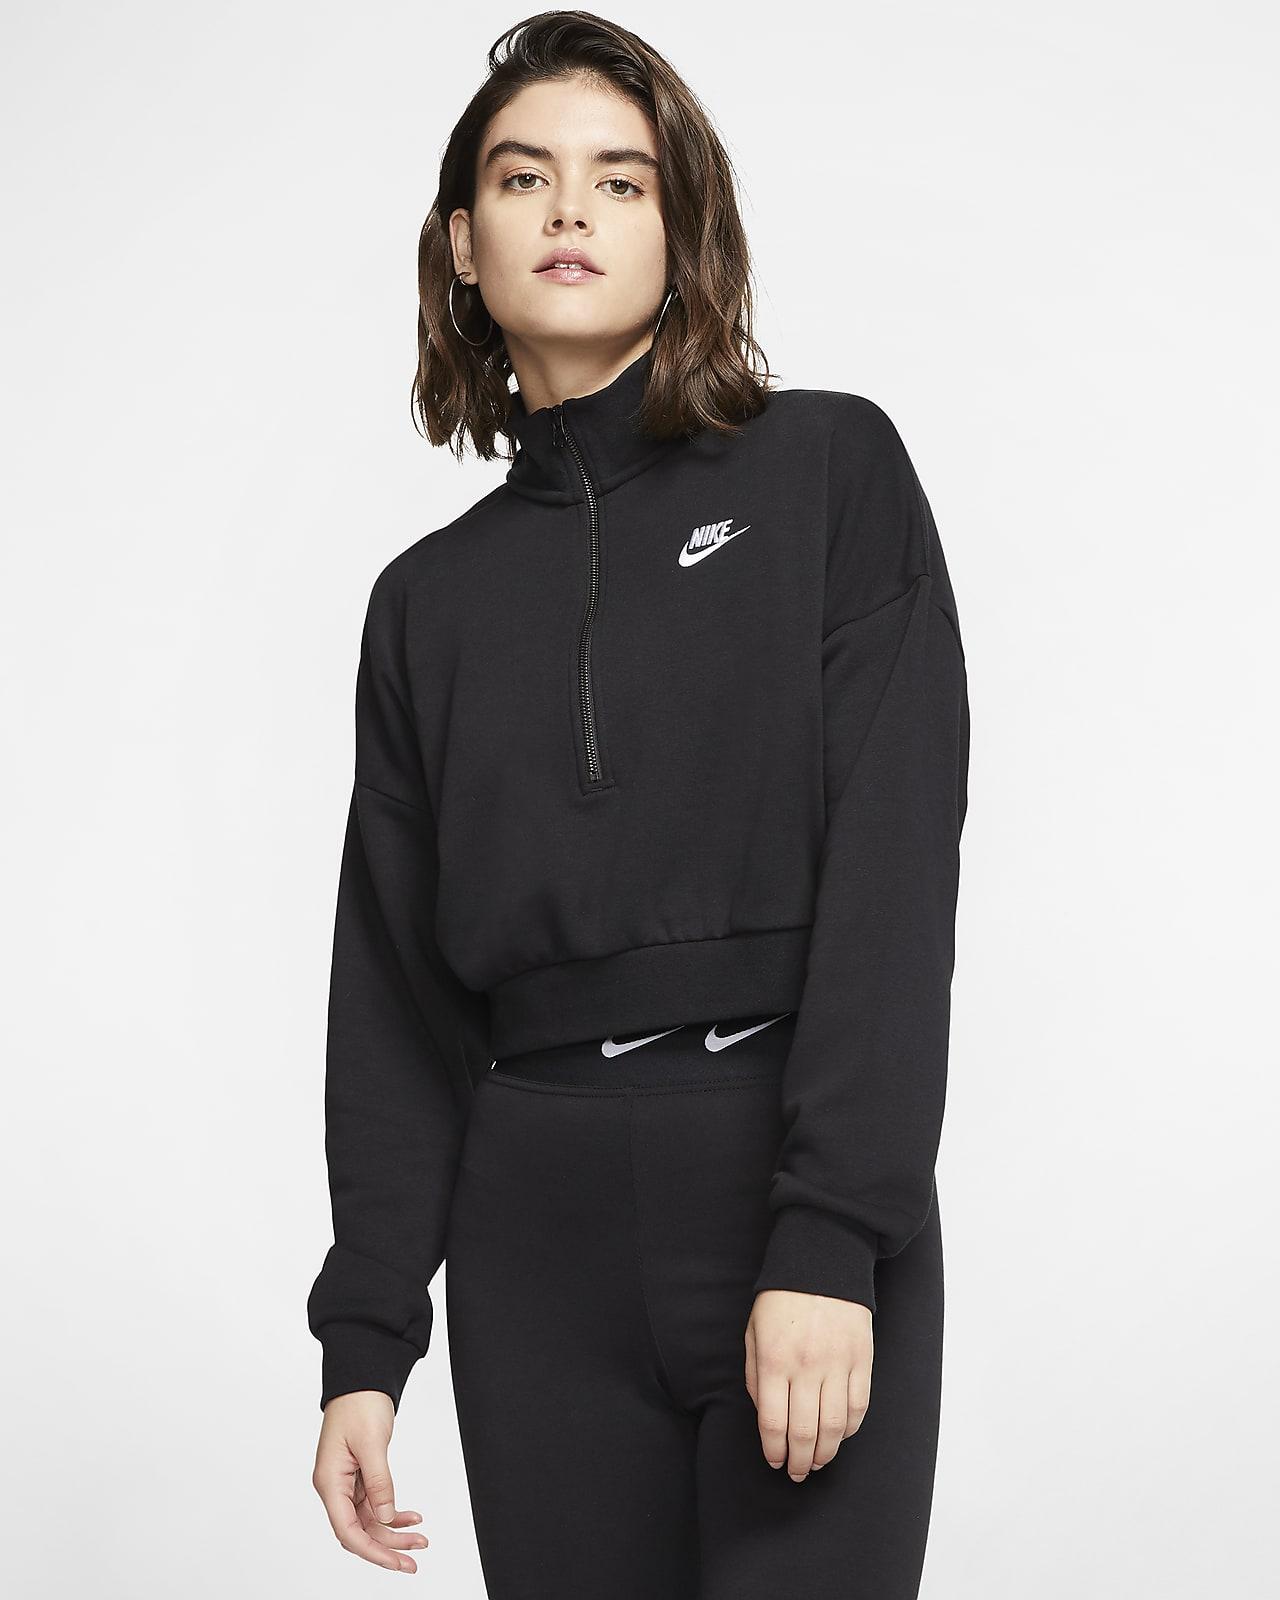 Langærmet Nike Sportswear Essential-crop top i fleece til kvinder